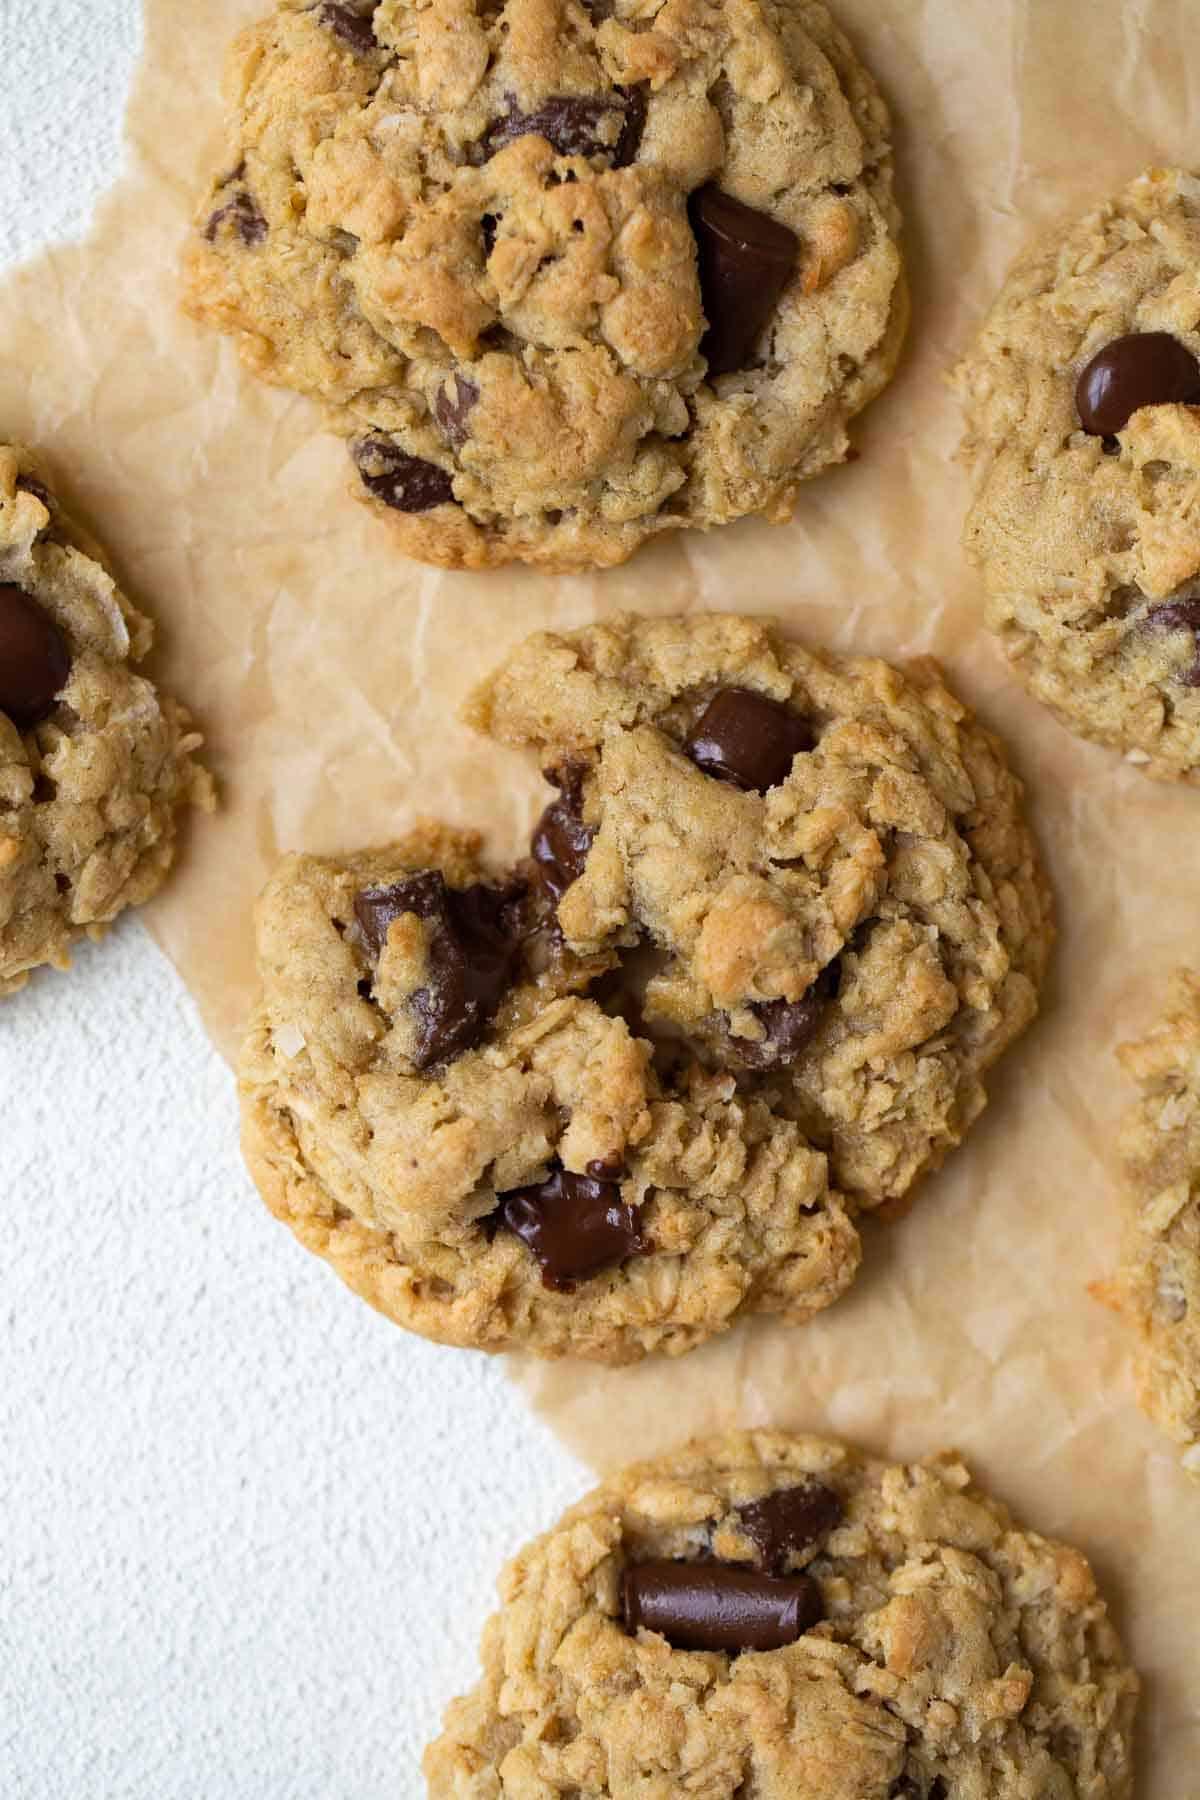 close up shot of cookie broken in half